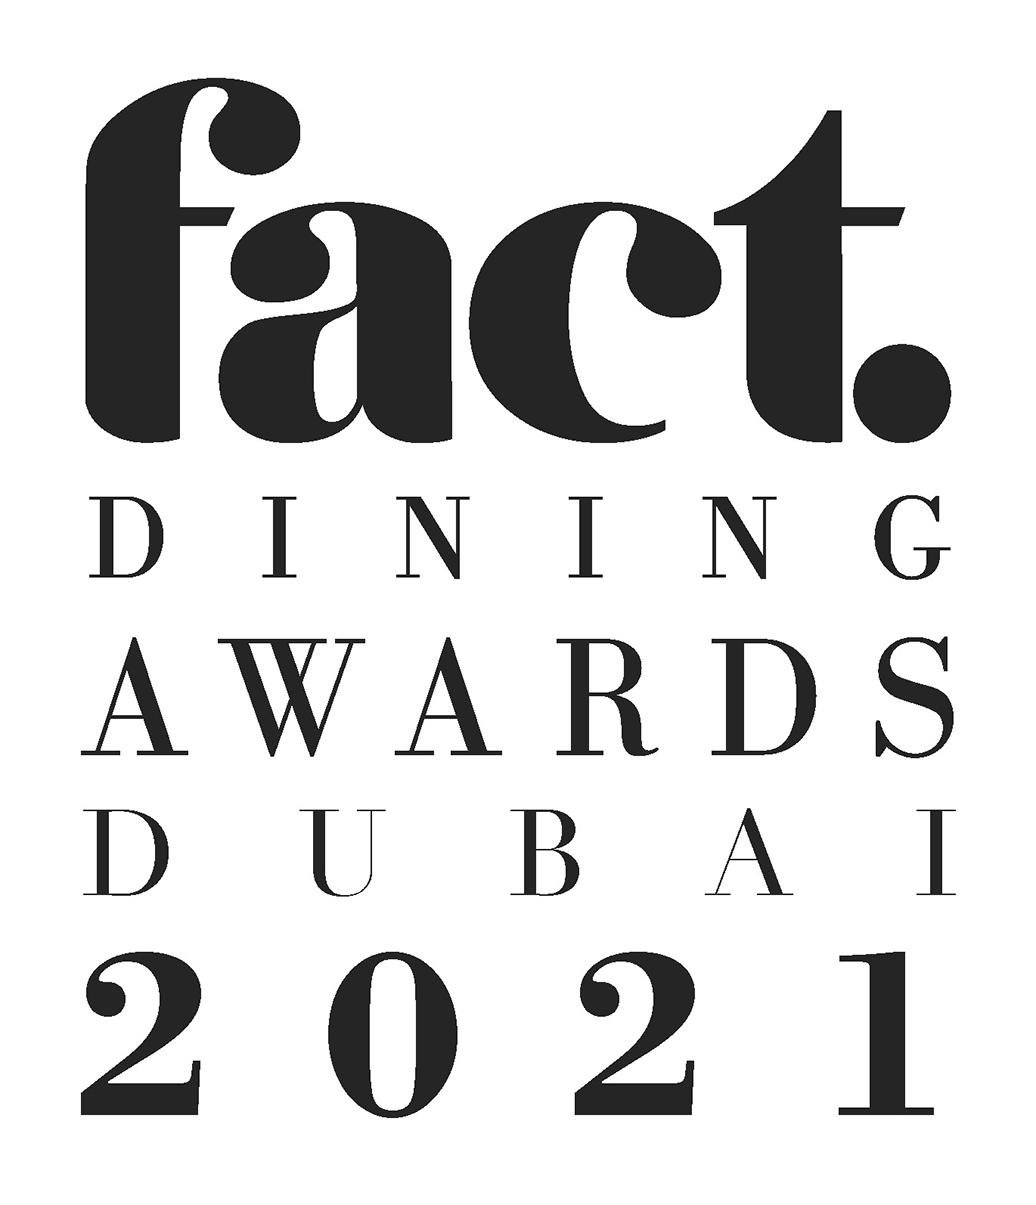 FACT Dining Awards Dubai 2021